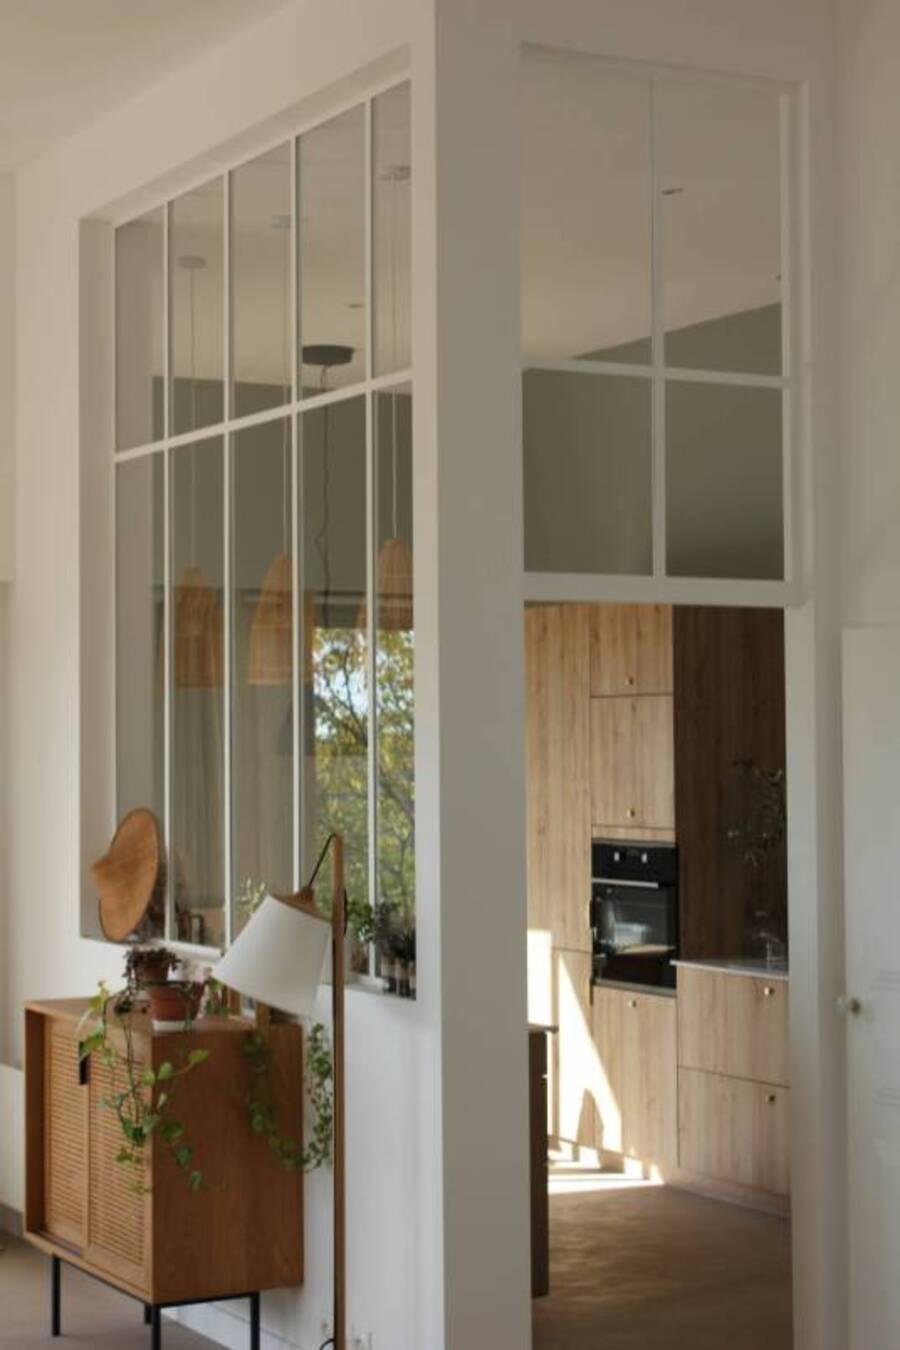 Los muros de cristal dan el efecto de continuidad entre todas las habitaciones.